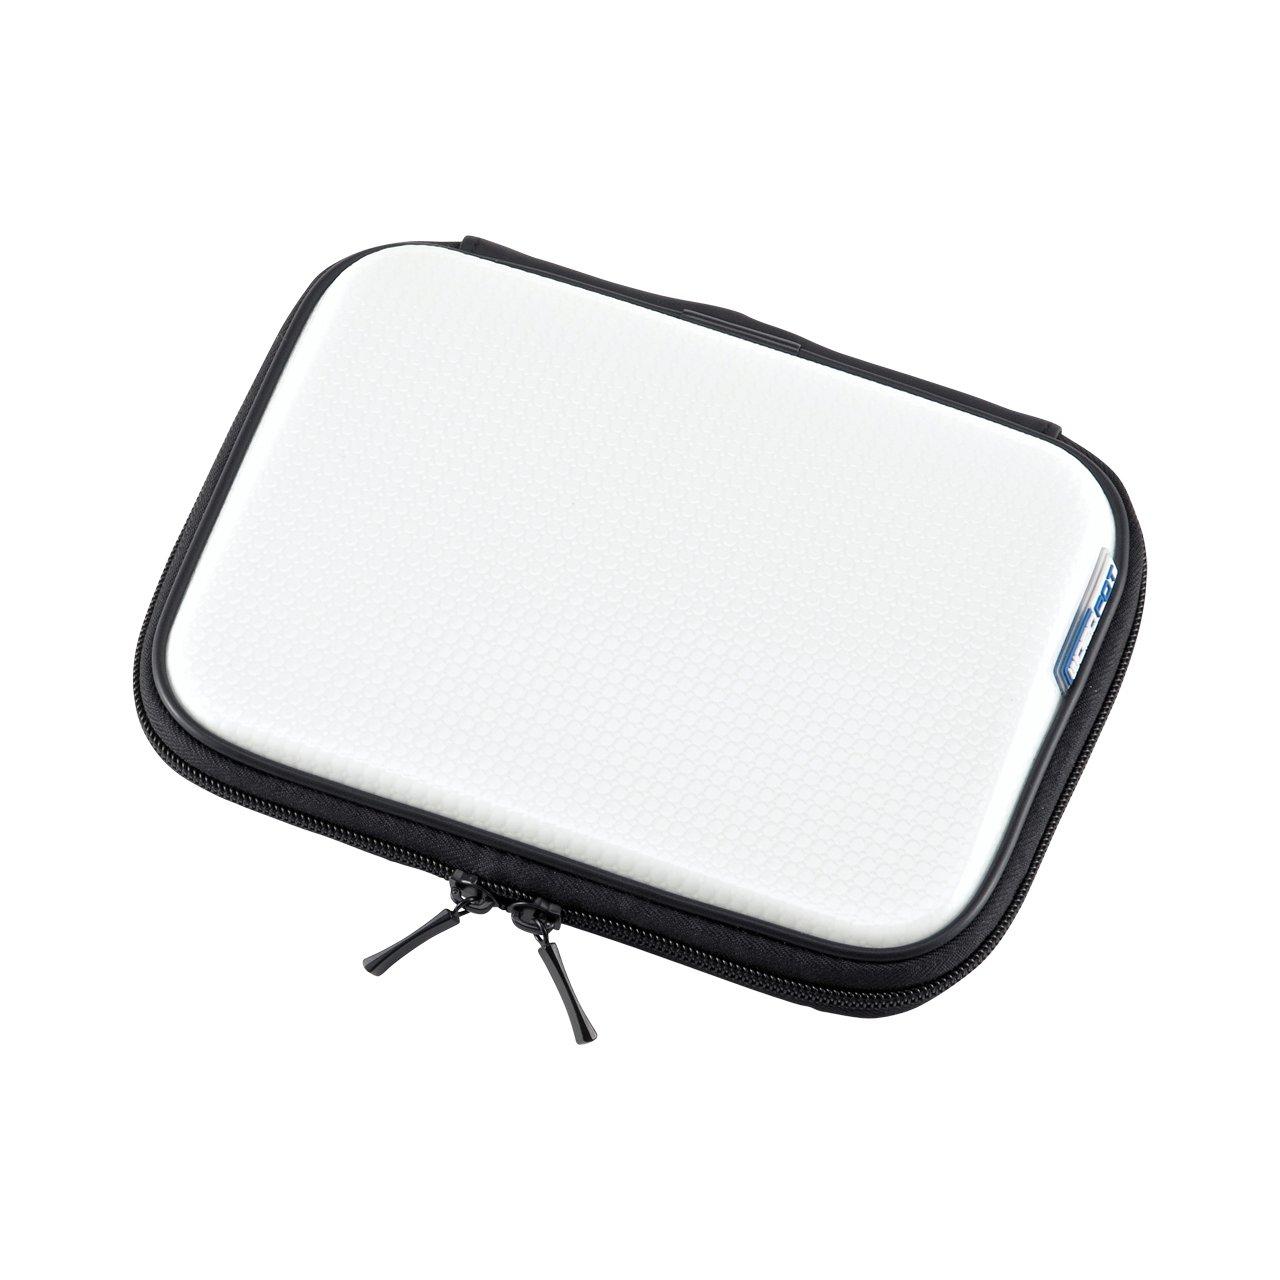 サンワサプライ 電子辞書衝撃吸収ハードケース PDA-EDC30W 1個